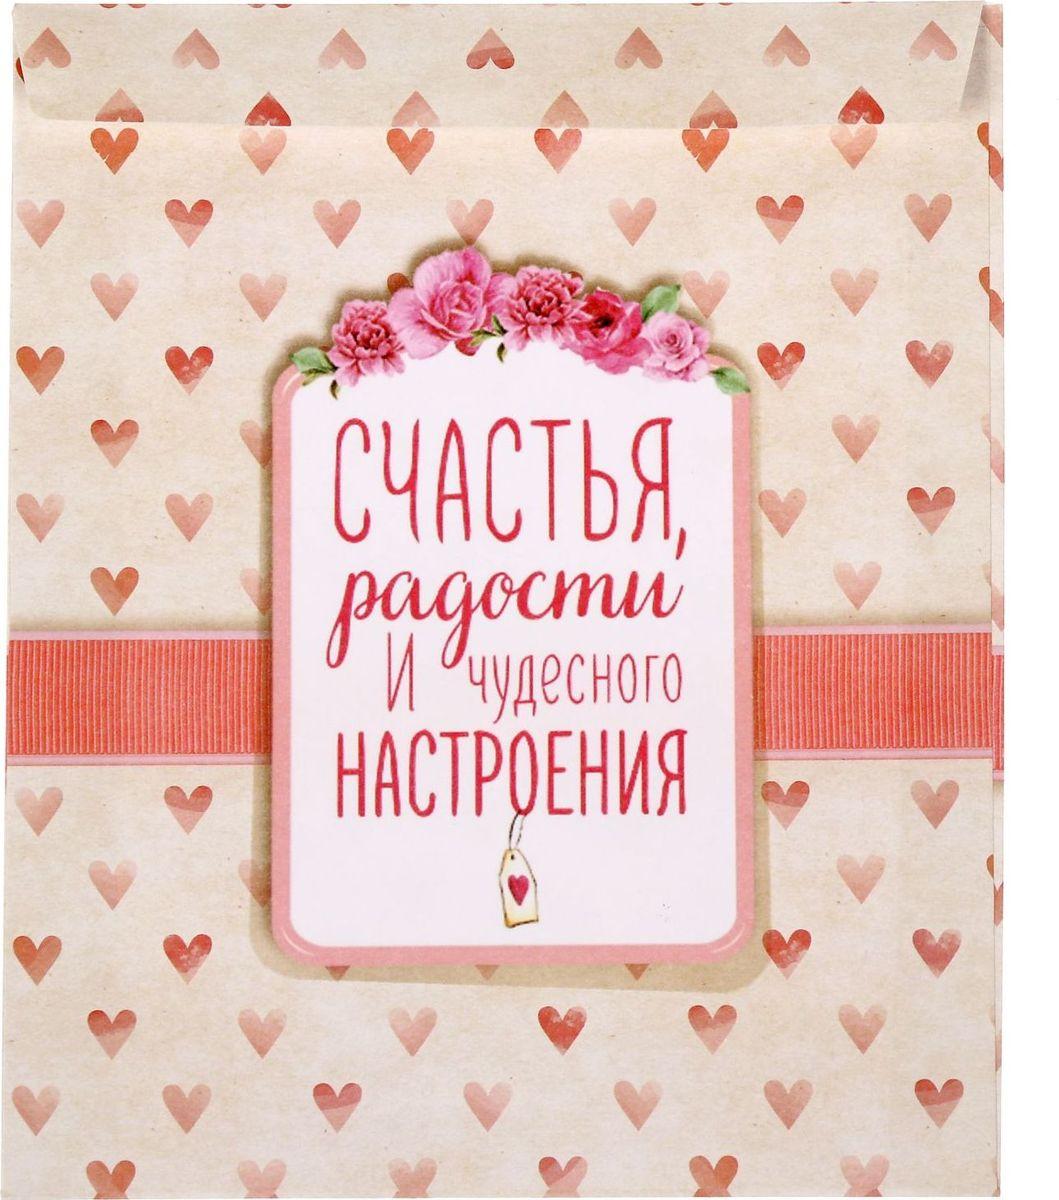 Конверт декоративный Счастье, 13 х 15,5 см1348738Чудесный бумажный конверт Счастье подойдёт для упаковки небольшого подарка или сувенира. Он послужит прекрасным оформлением для сладостей, чая, кофе или бижутерии. На нём есть место для тёплых слов и пожеланий, имени адресата или отправителя.